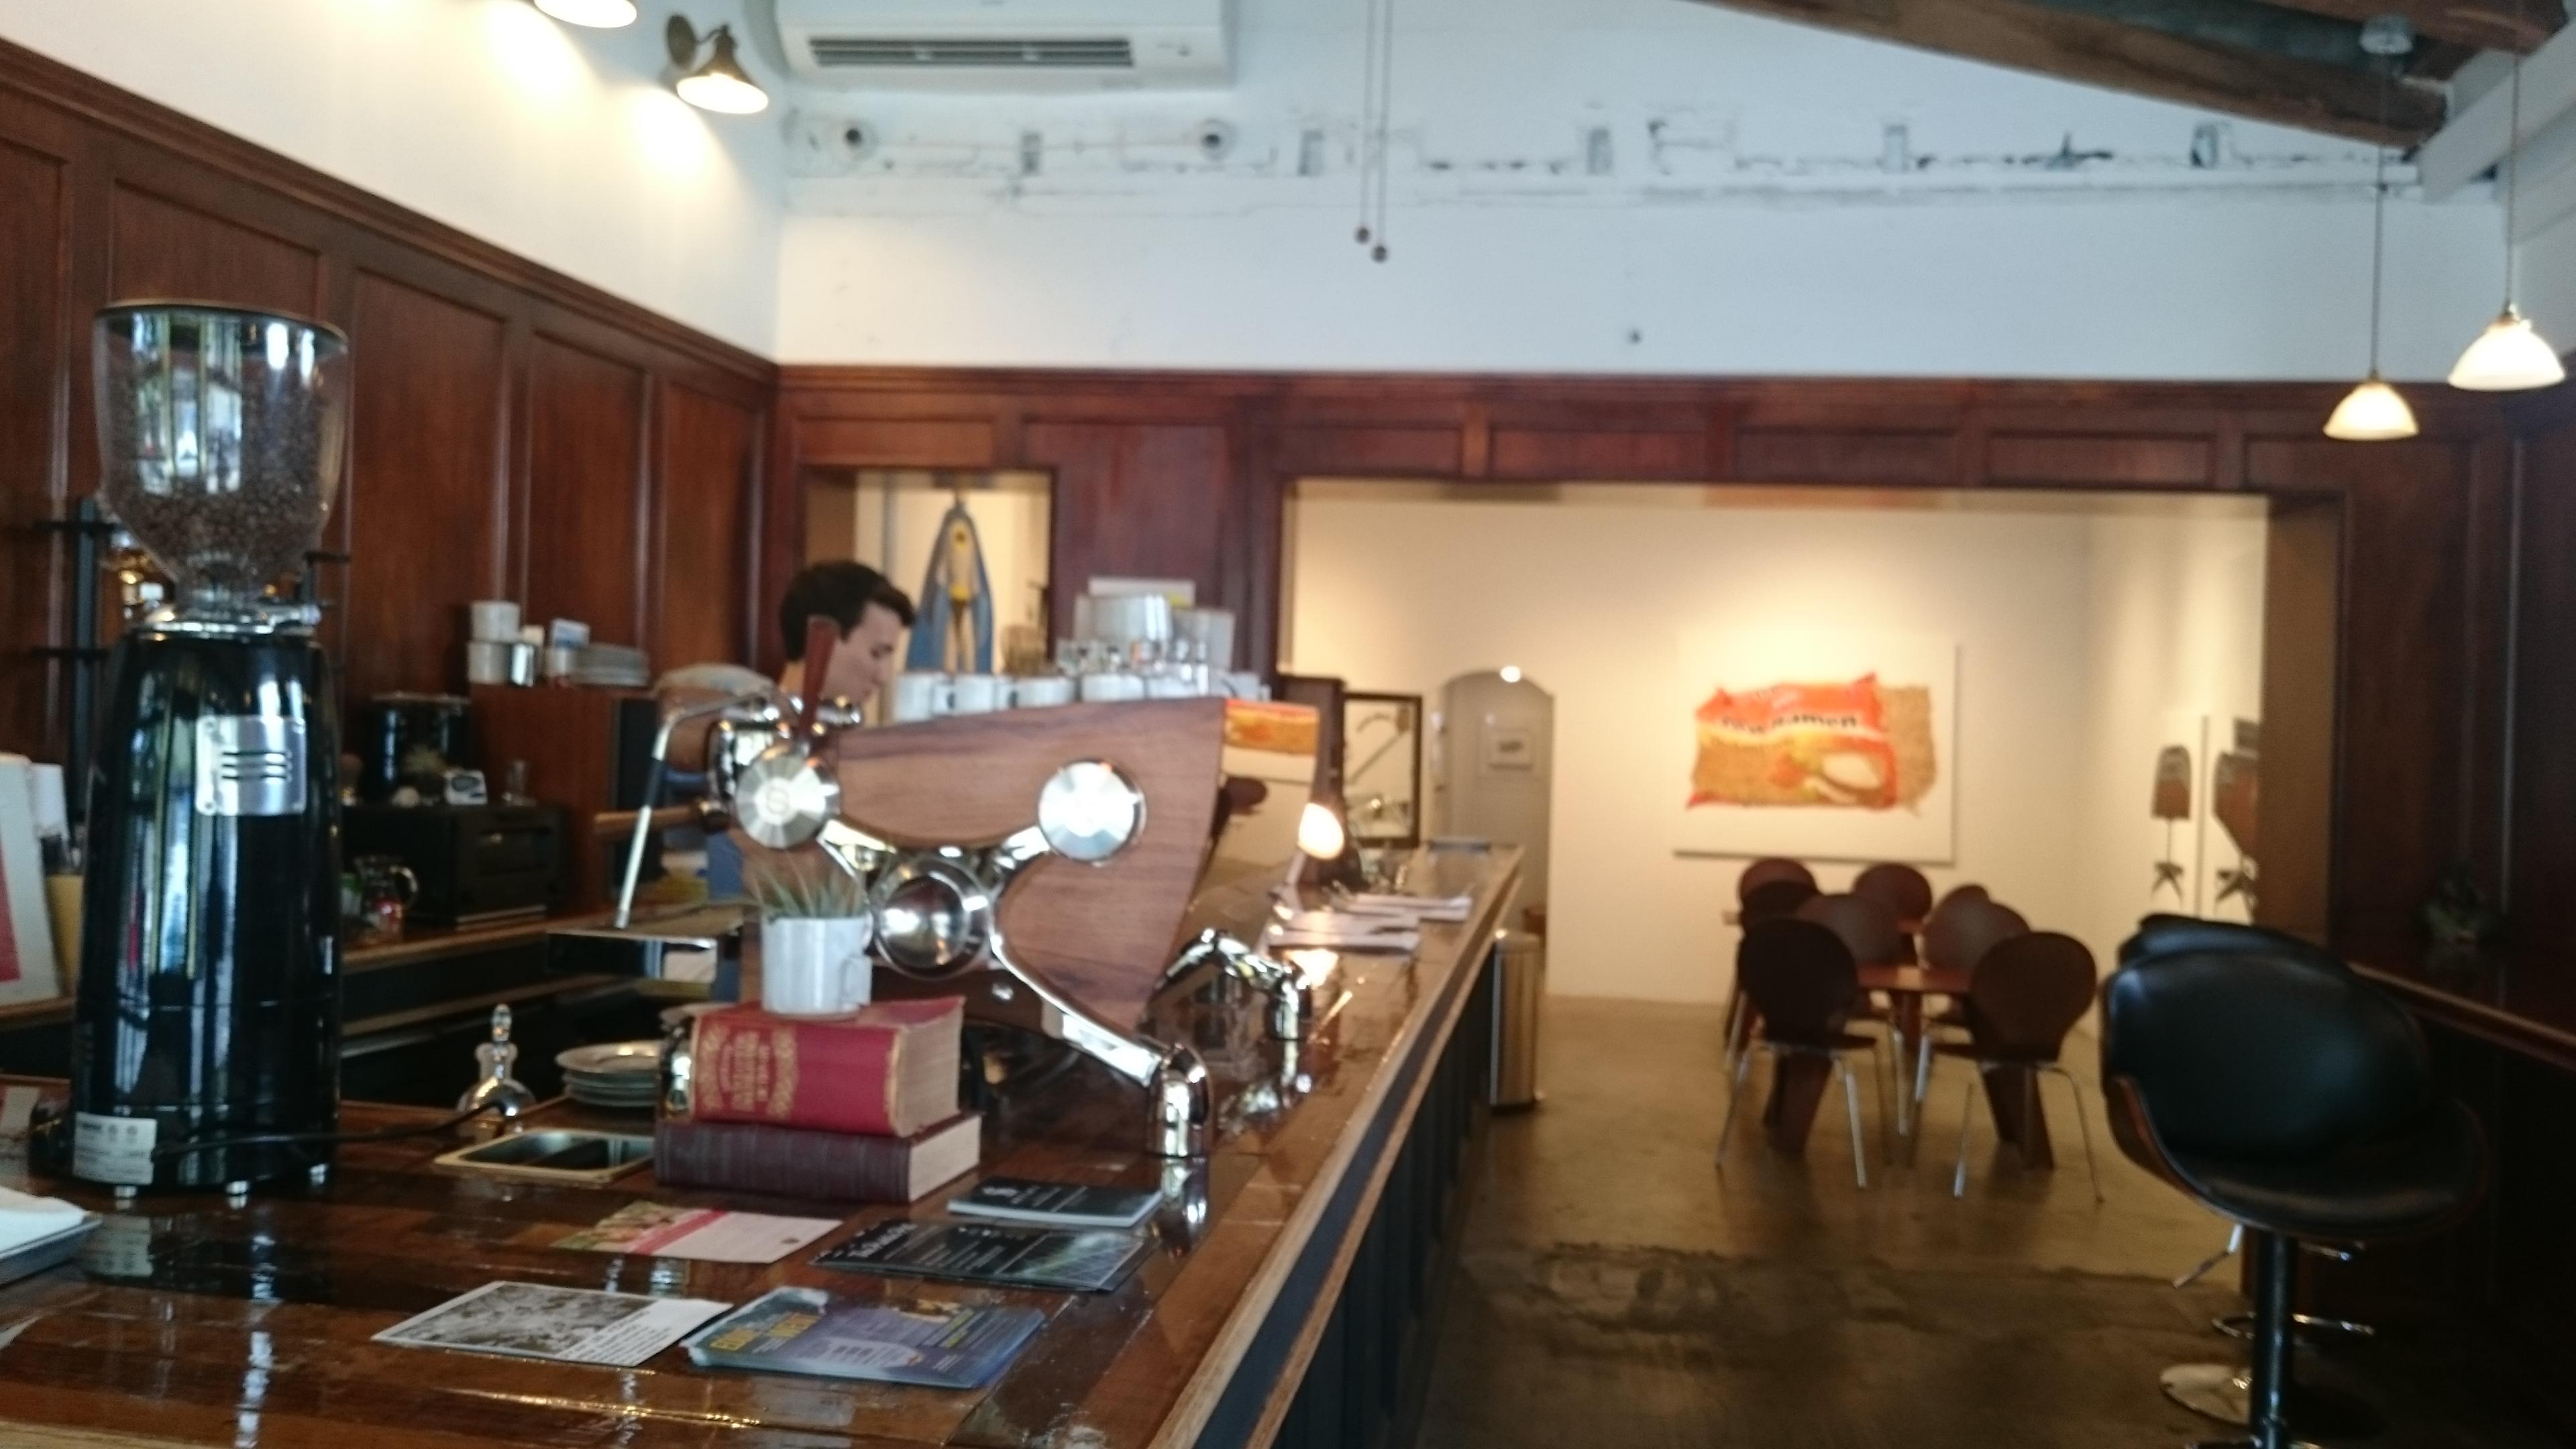 【ハワイ】注目のモンサラットアベニューのオシャレなカフェ『ARS Cafe』